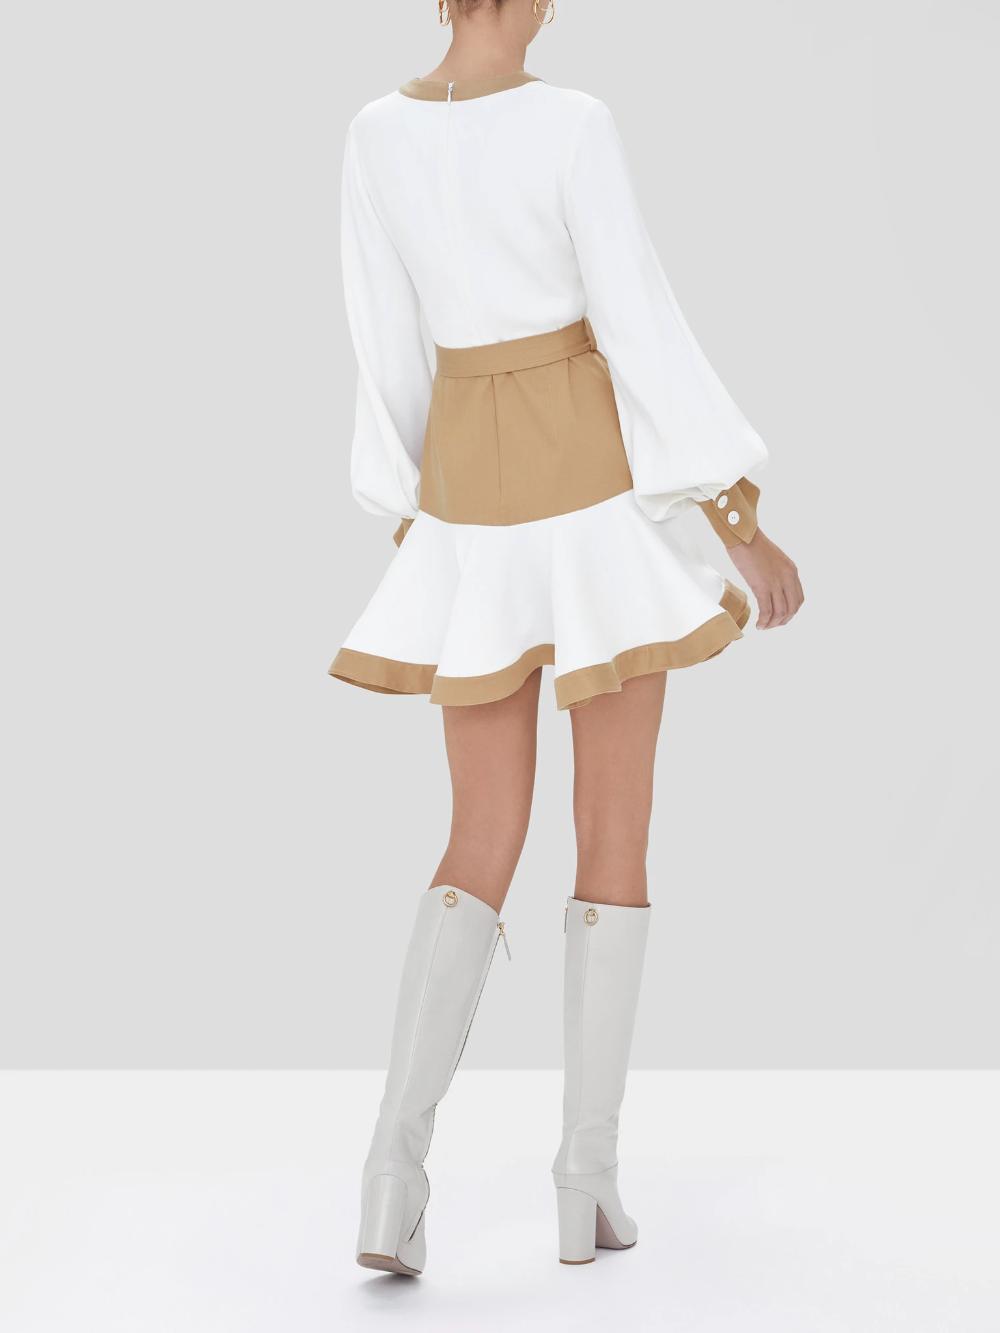 Azuko Dress In Tan White Alexis Fashion Dresses Alexis [ 1333 x 1000 Pixel ]